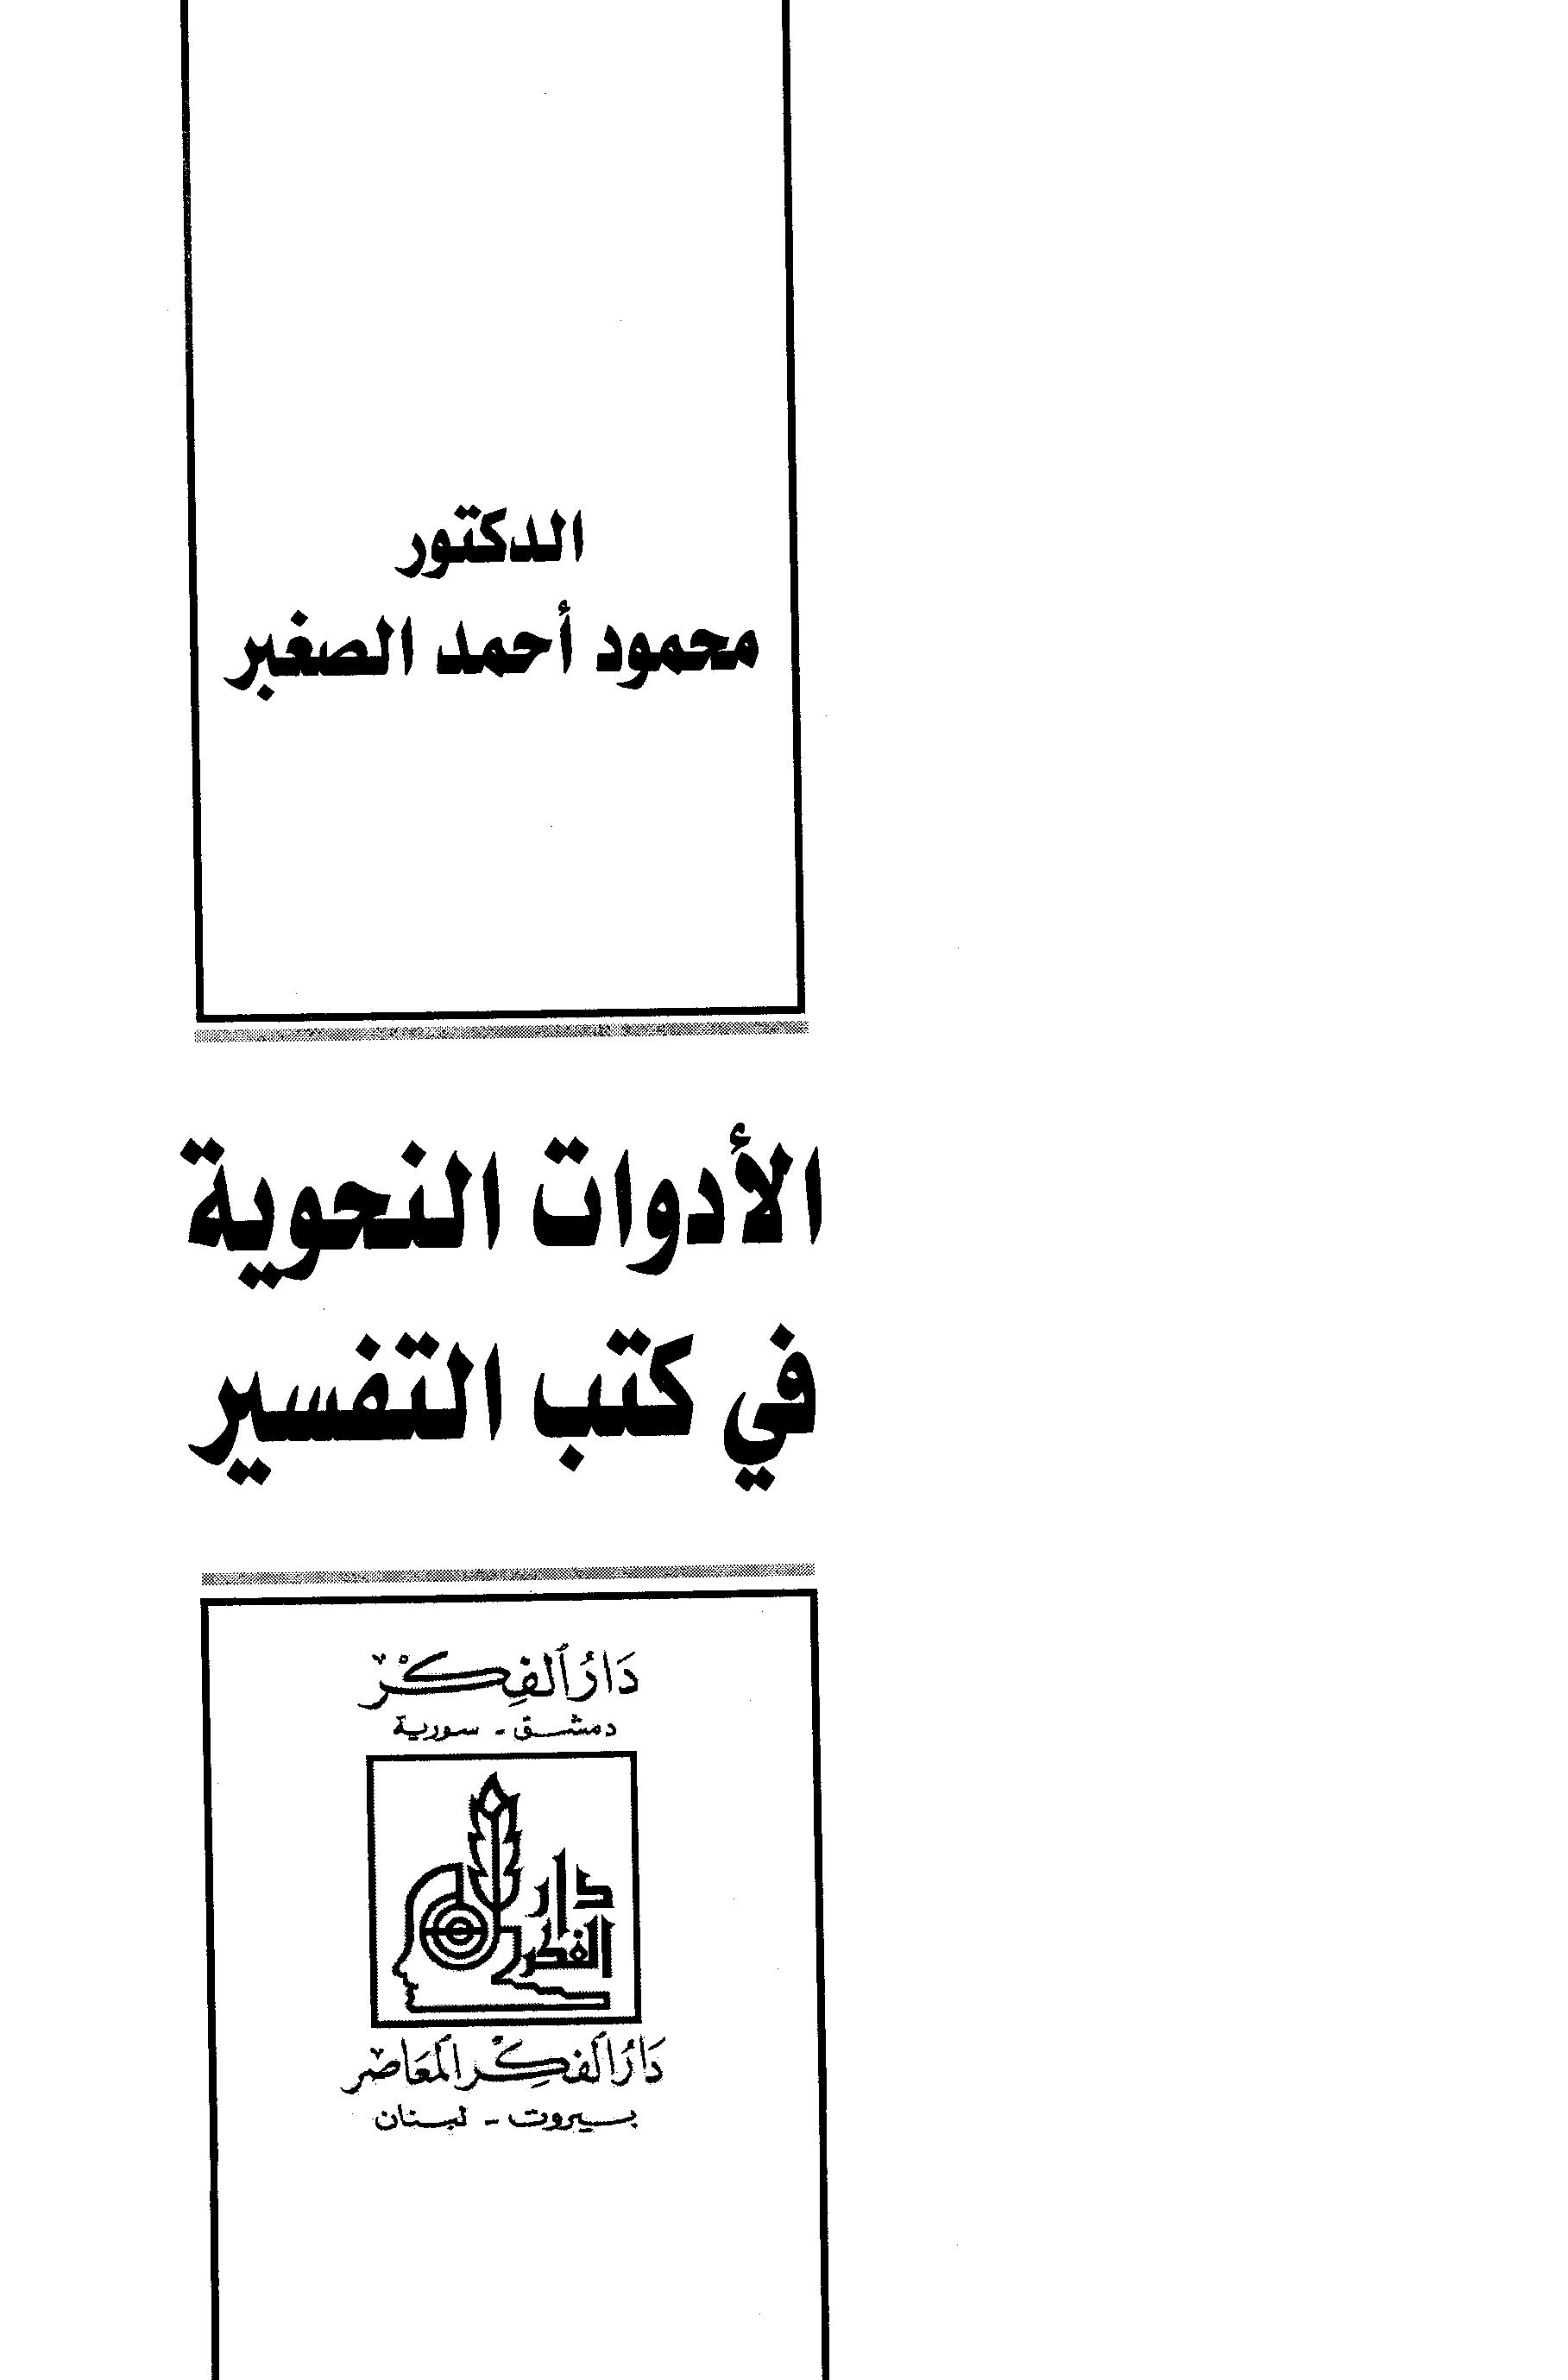 تحميل كتاب الأدوات النحوية في كتب التفسير لـِ: الدكتور محمود أحمد الصغير